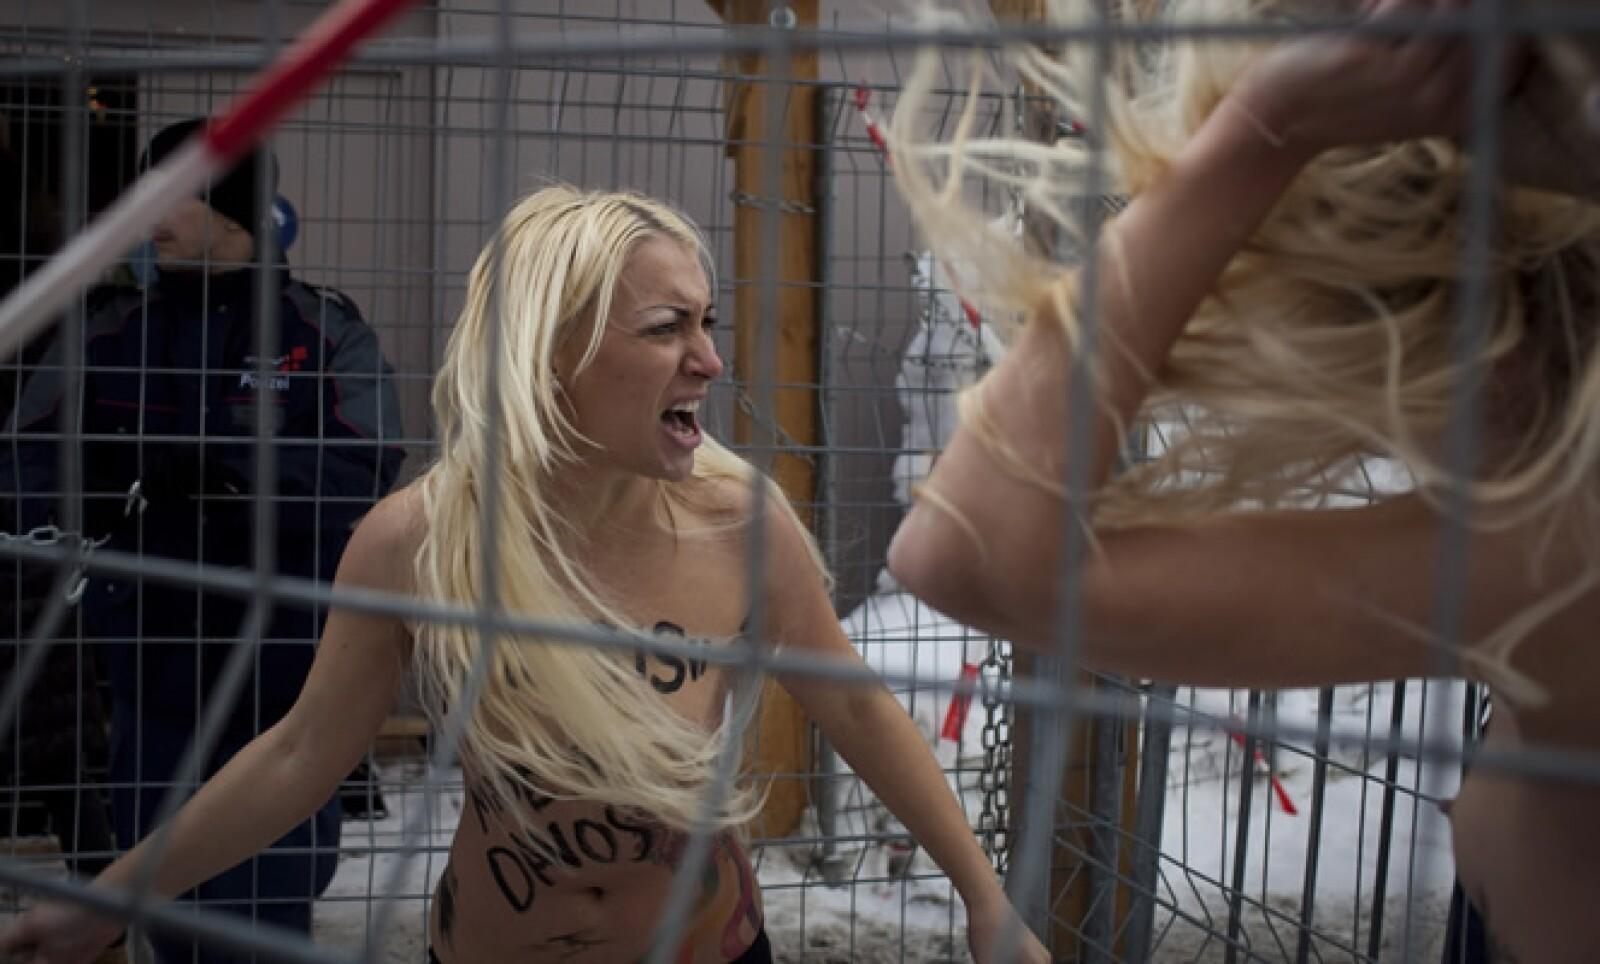 Las mujeres pertenecen al grupo Femen, que se ha vuelto popular en Ucrania por organizar pequeñas protestas de personas semidesnudas con el fin de destacar diversos temas.